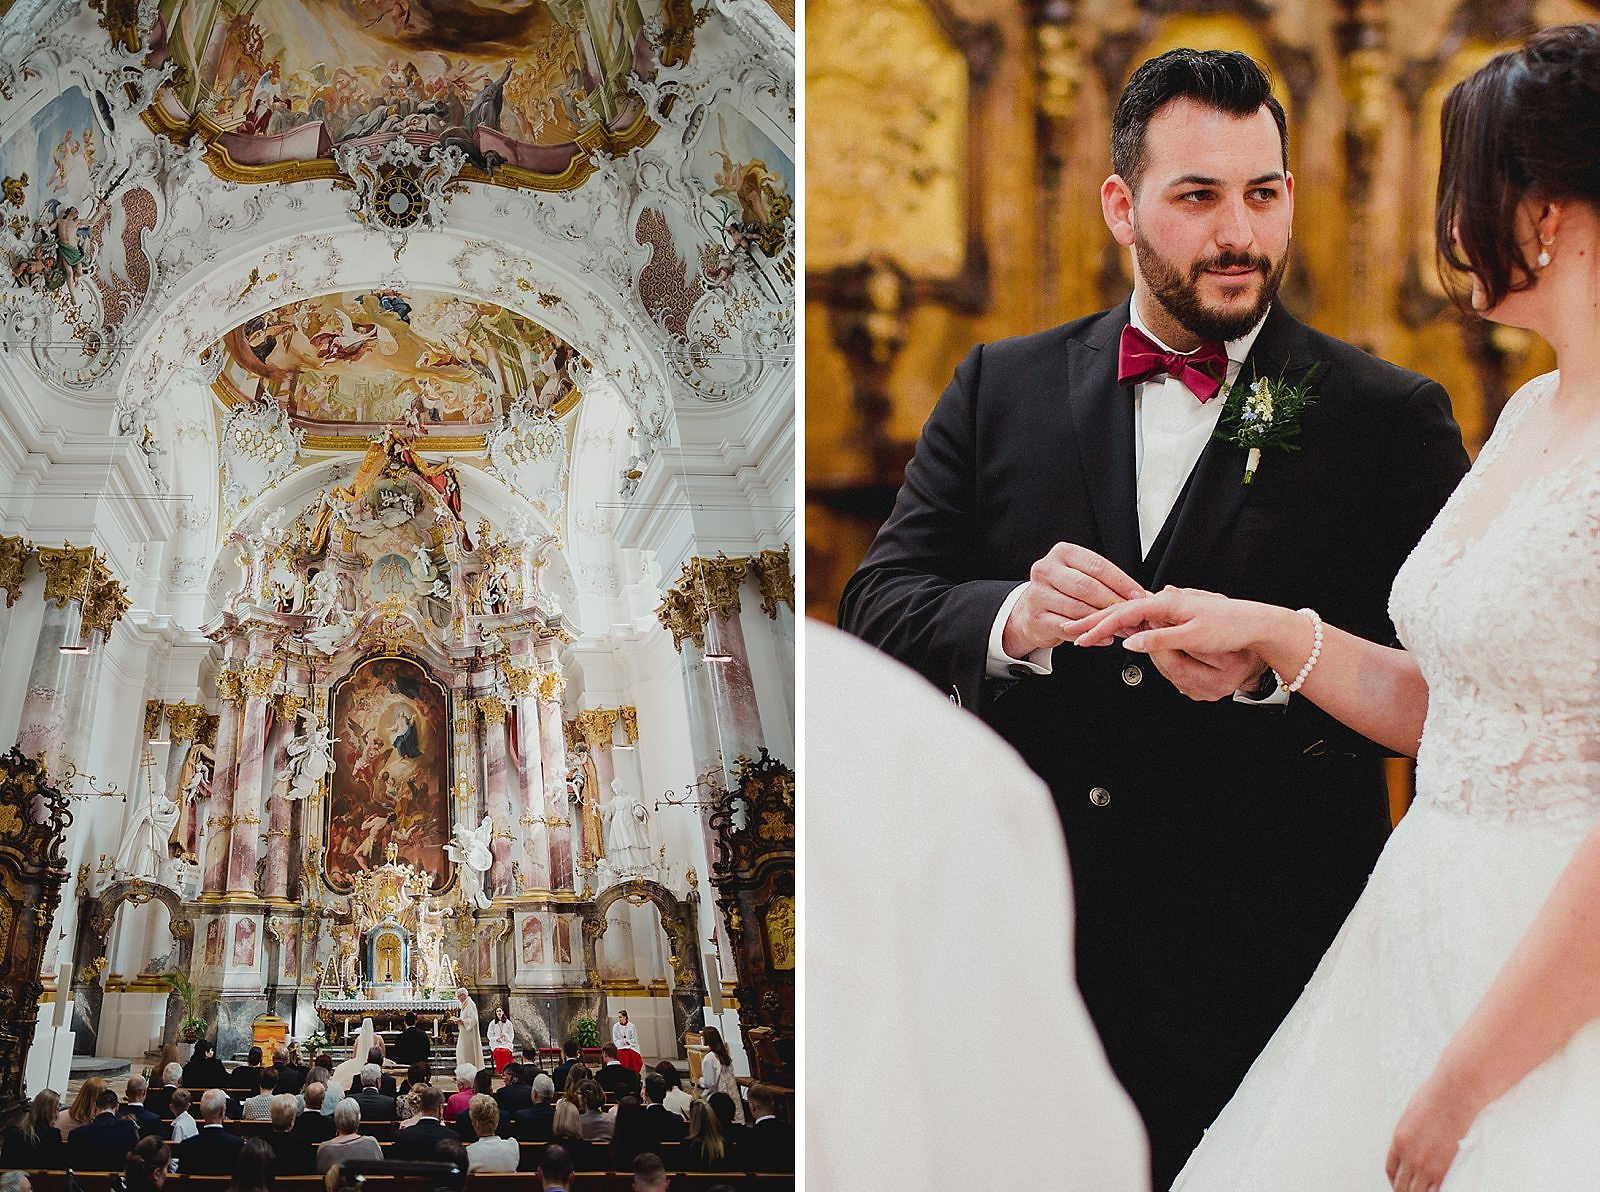 Referenz_Hochzeit_Kollektiv_EIS-27.JPG